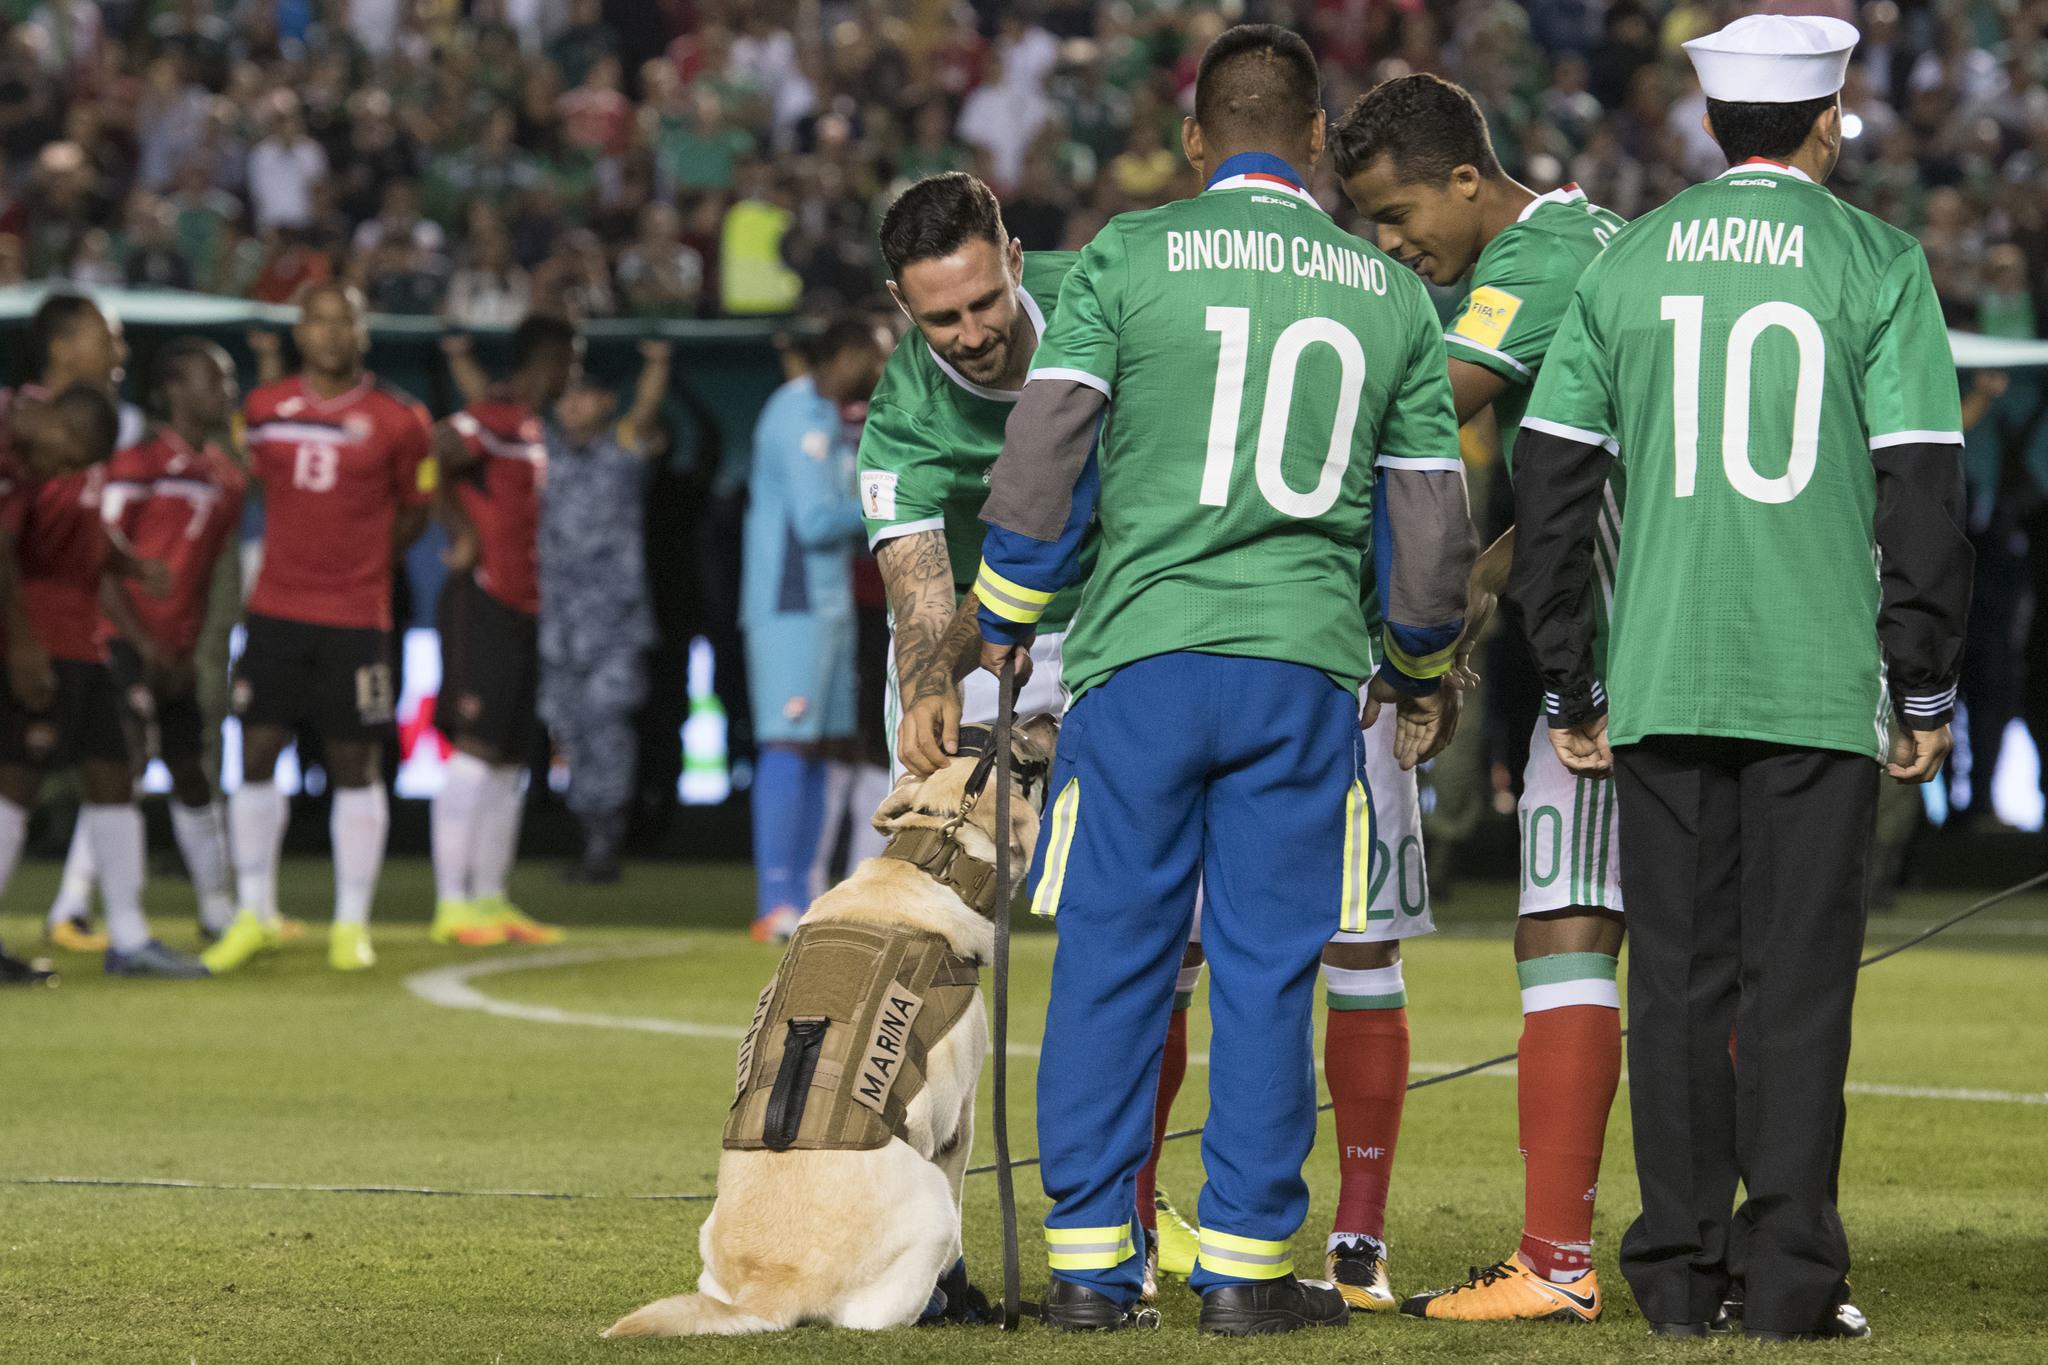 Binomio Canino y demás dependencias, reconocidas pr los jugadores